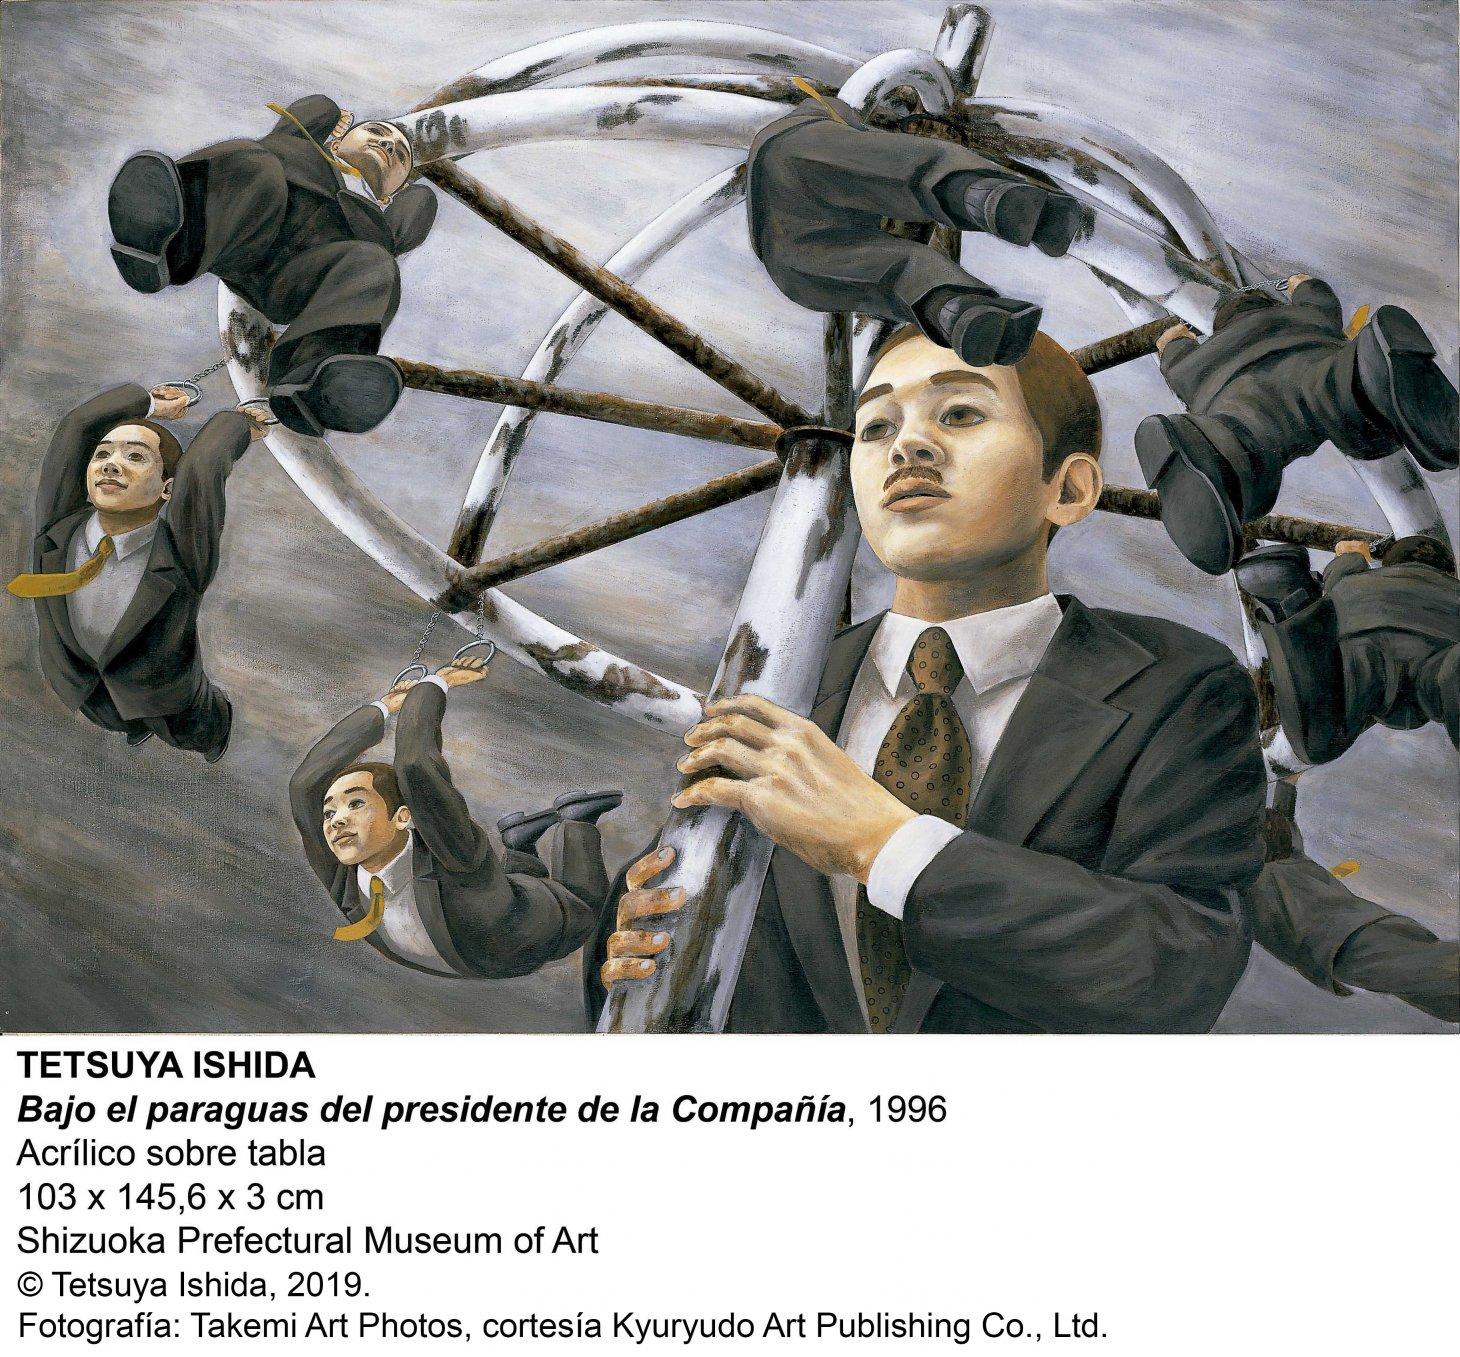 Bajo el paraguas del presidente de la Compañía (1996) - Tetsuya Ishida